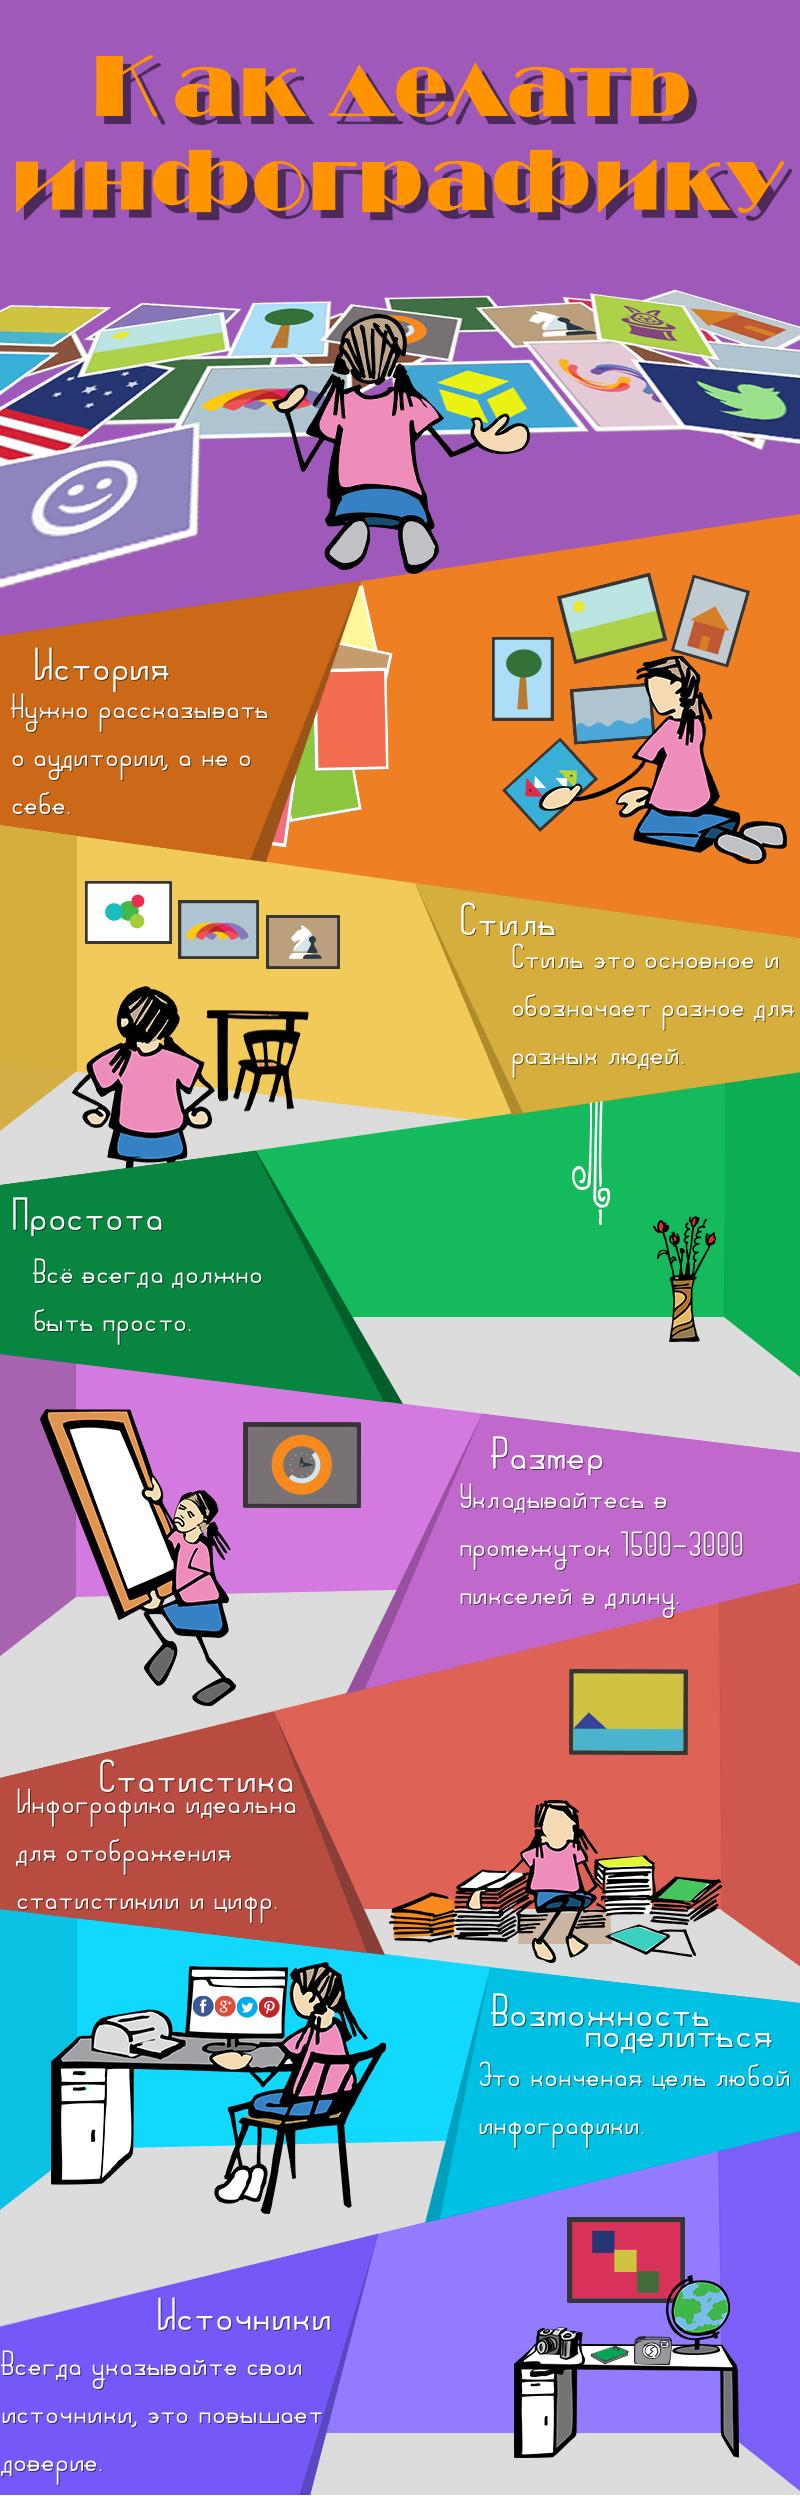 Как сделать успешную инфографику